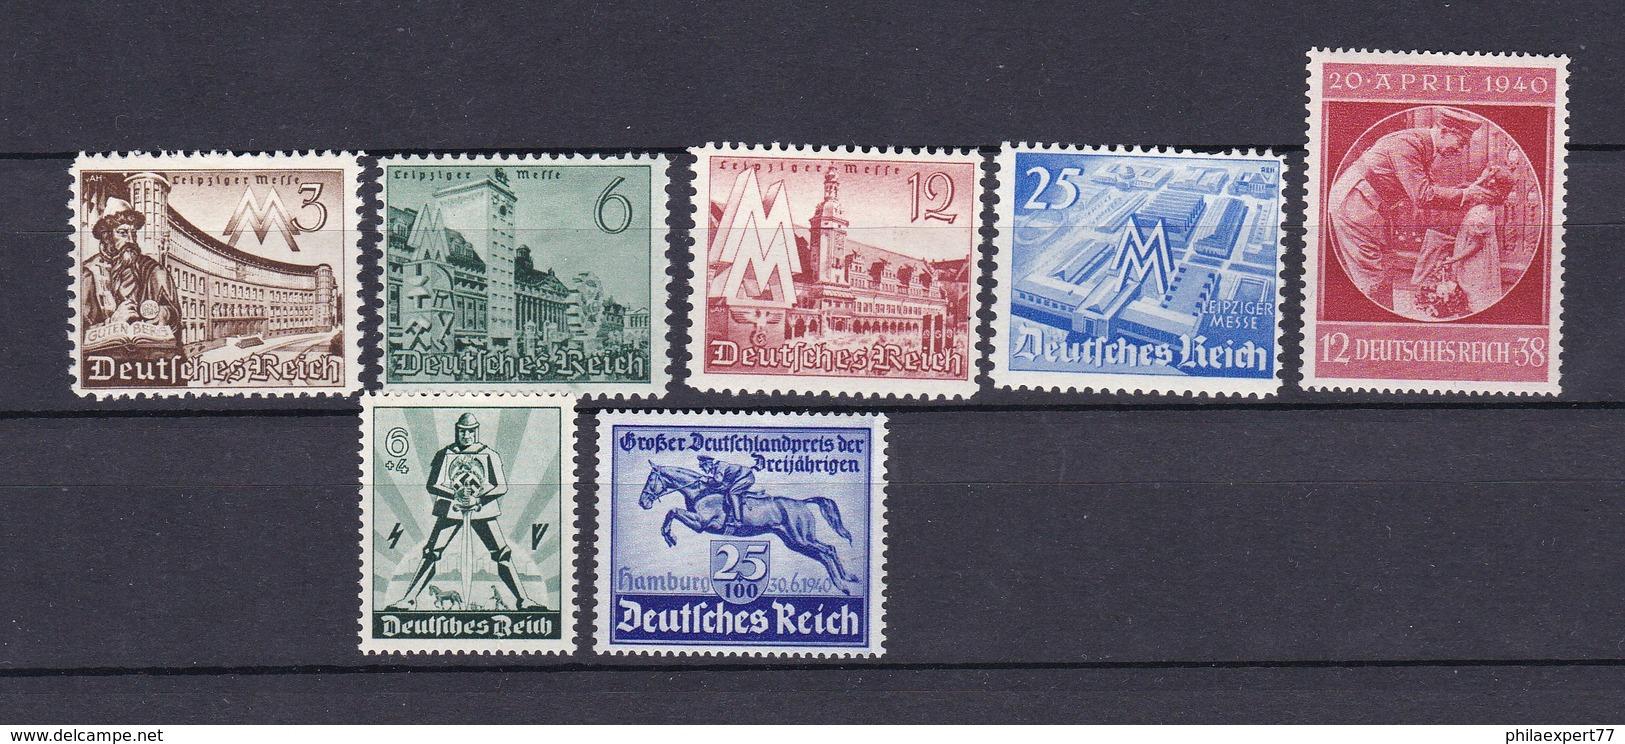 Deutsches Reich - 1940 - Michel Nr. 739/742+744/46 - Ungebr. - Deutschland